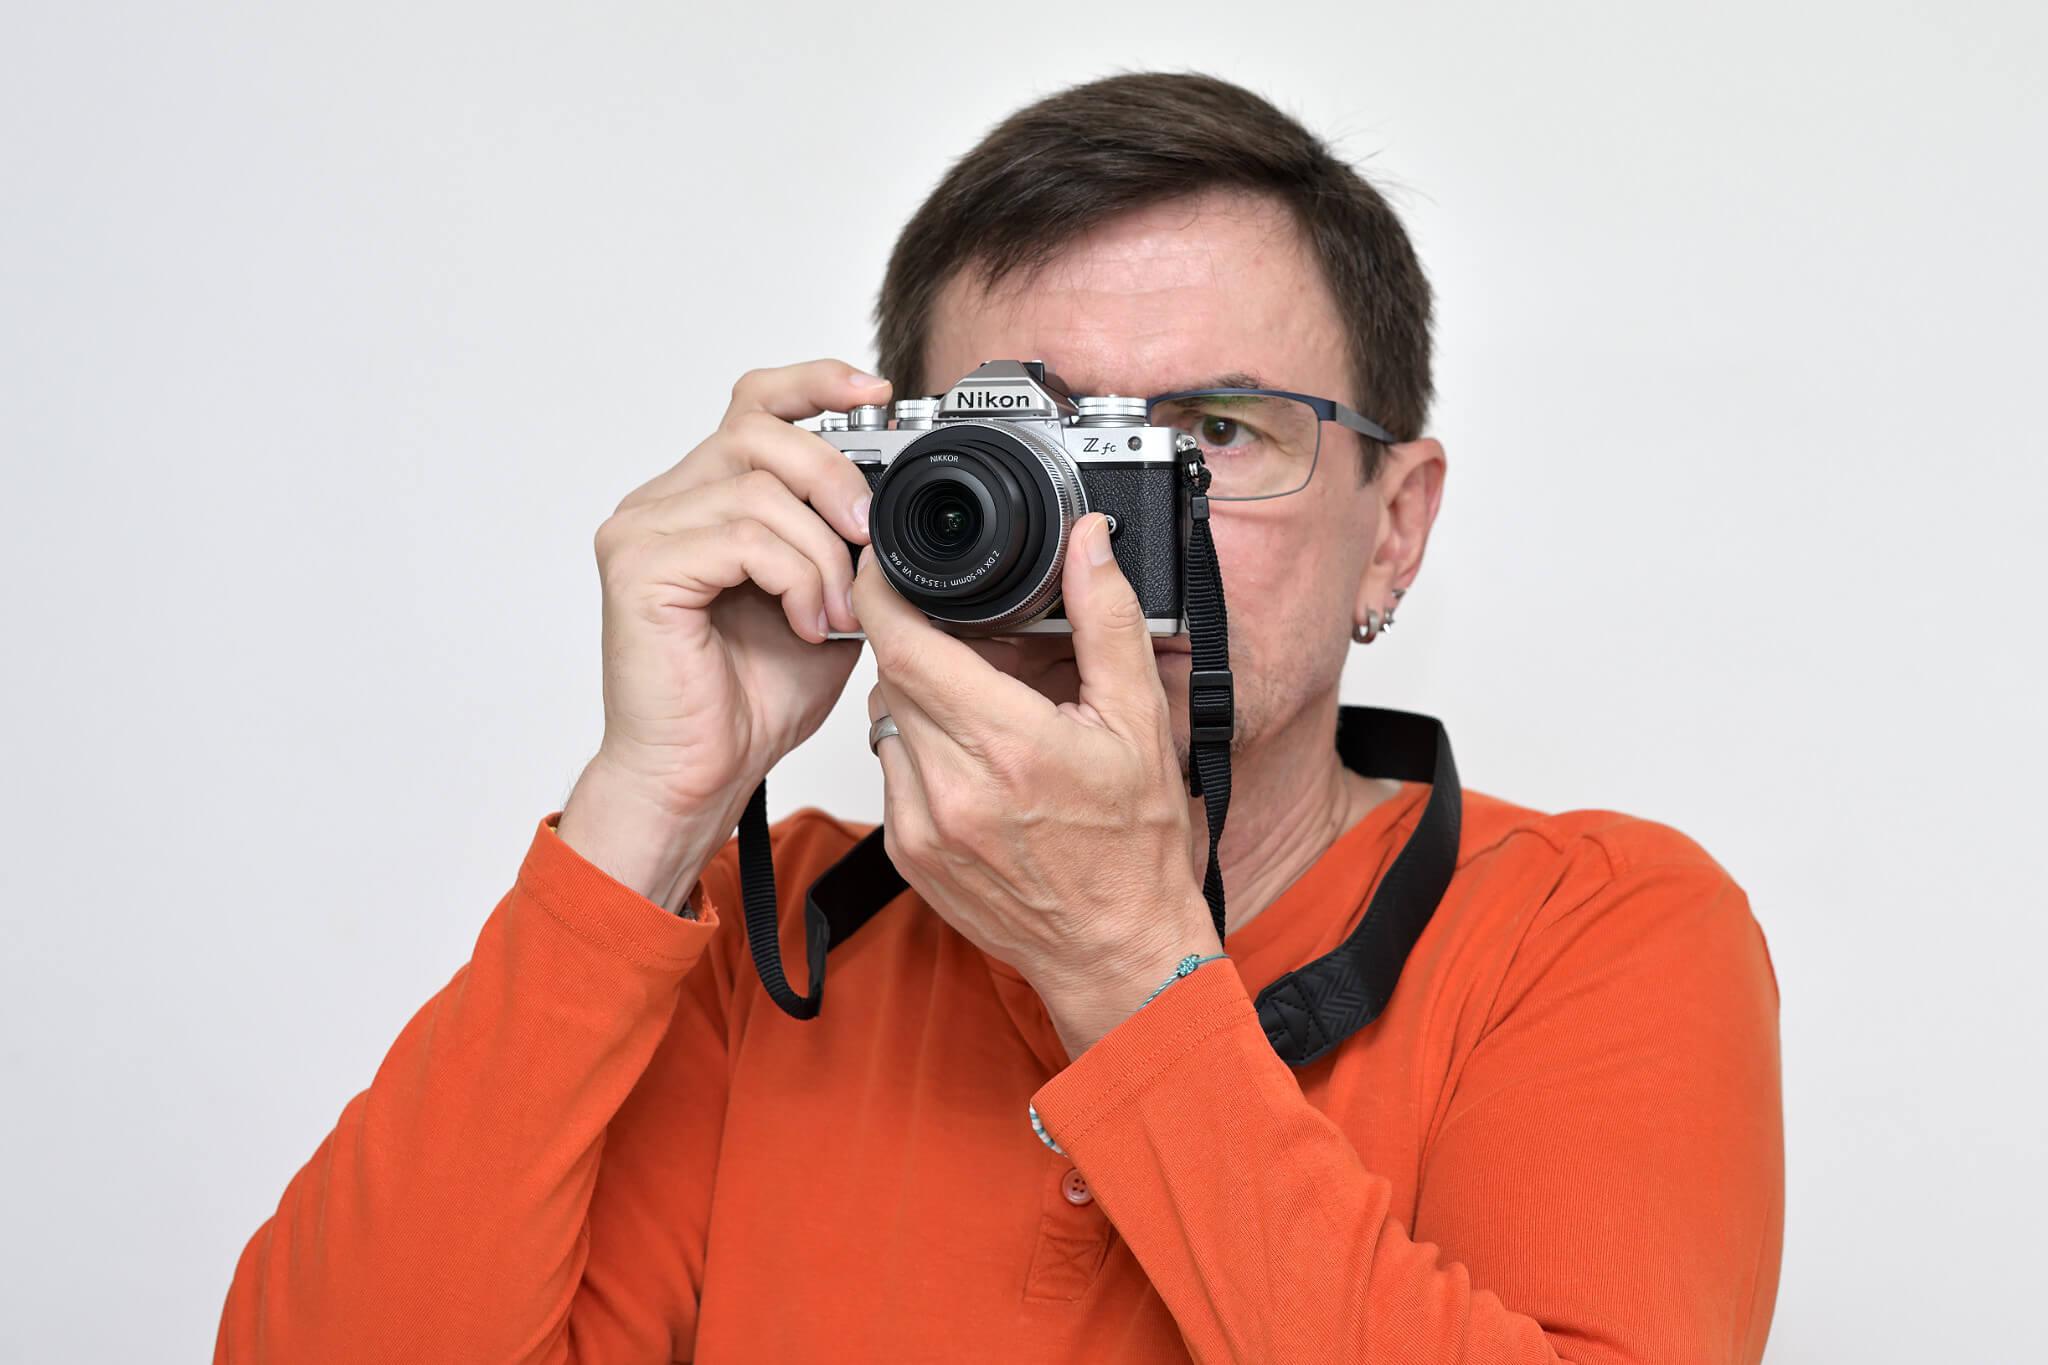 Při focení s foťákem u oka byste neměli pociťovat zásadní ergonomické nedostatky